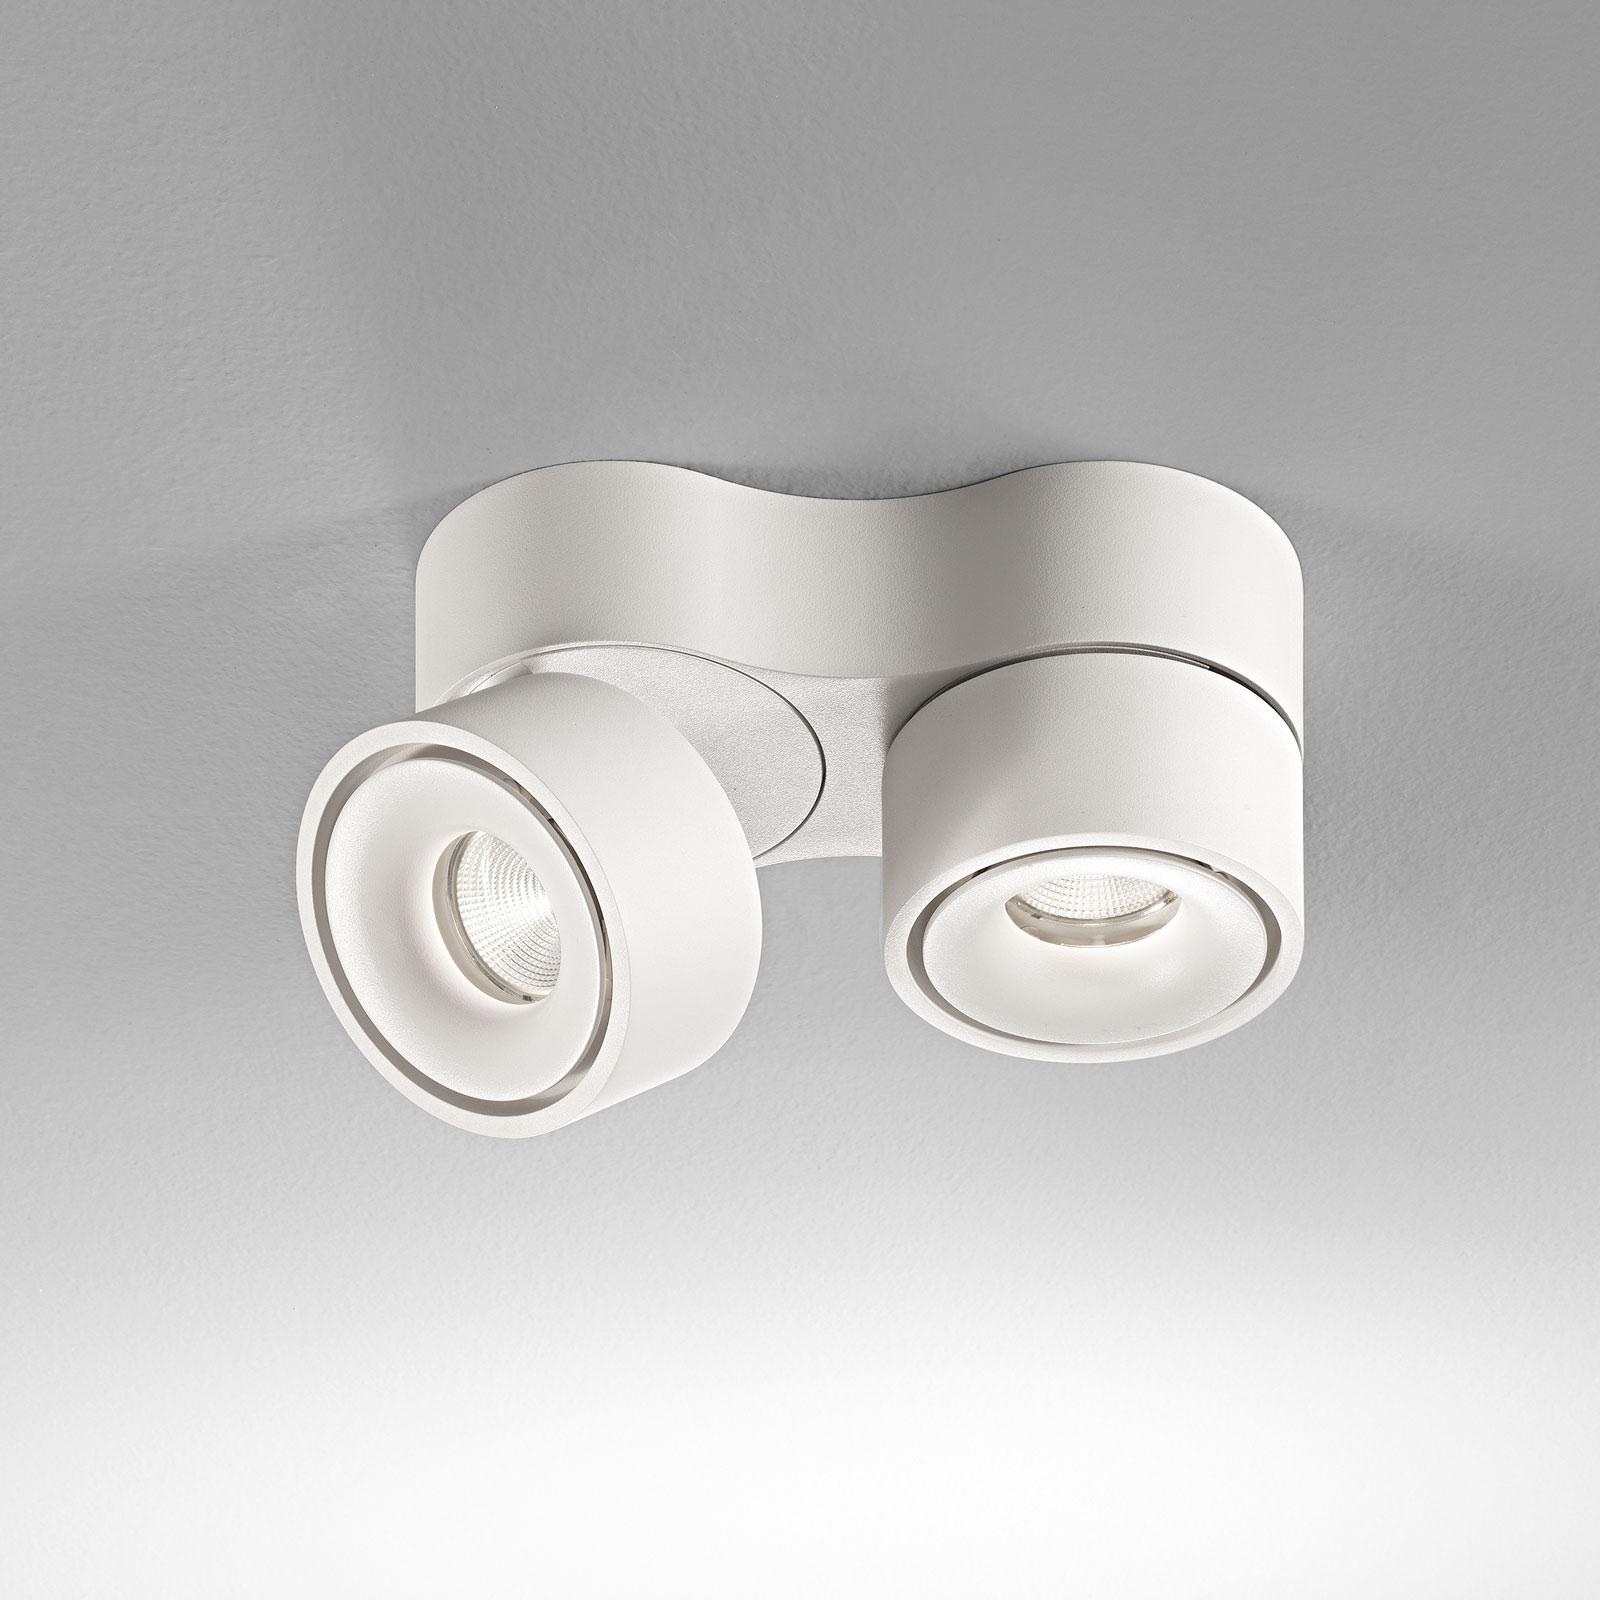 Egger Clippo Duo LED-takspot